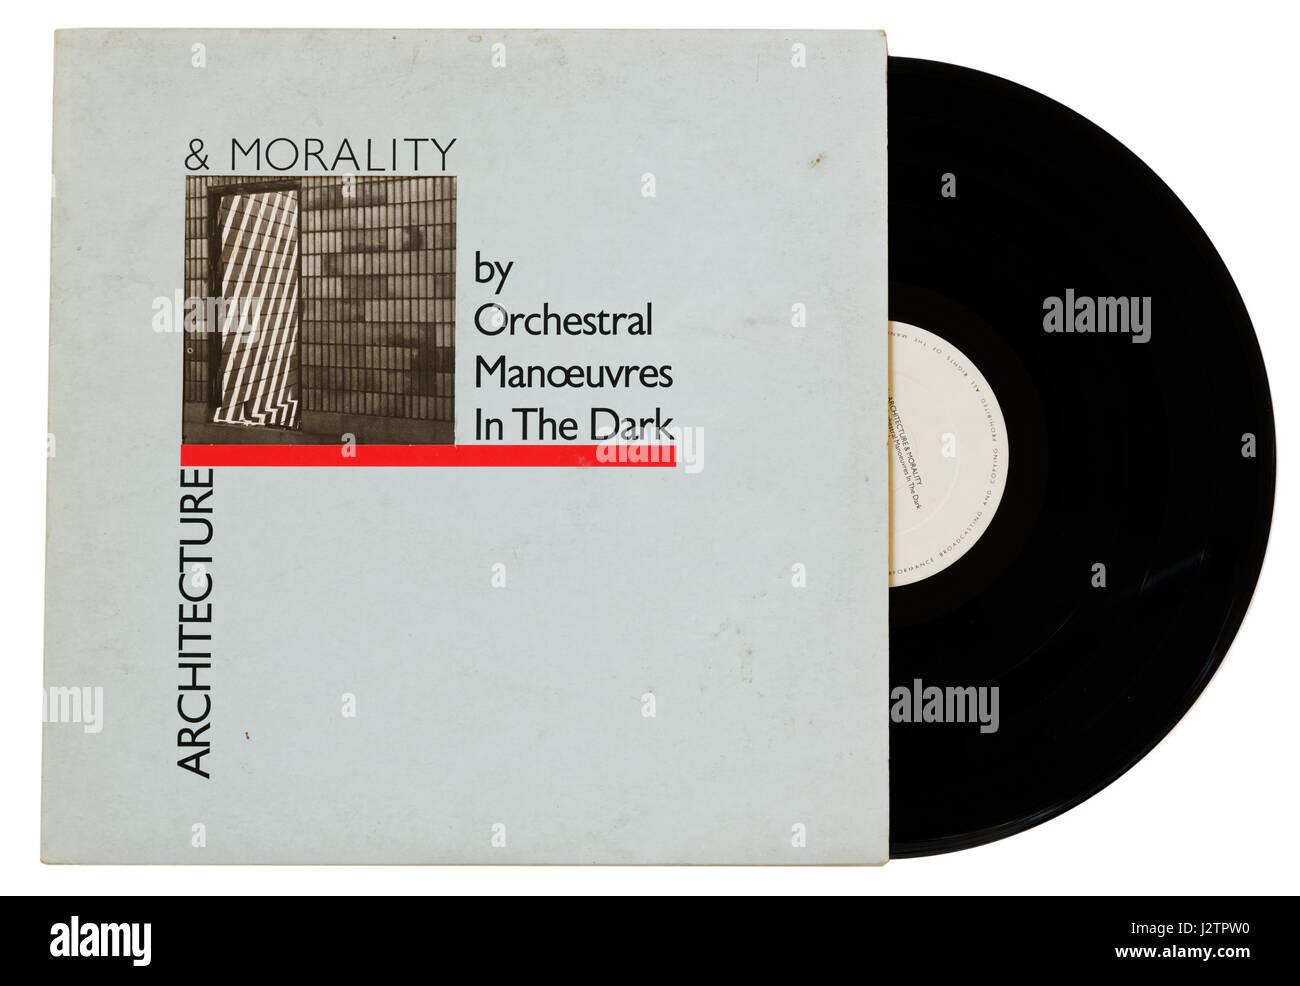 Manovre orchestrali al buio album Architecture & moralità su vinile Immagini Stock